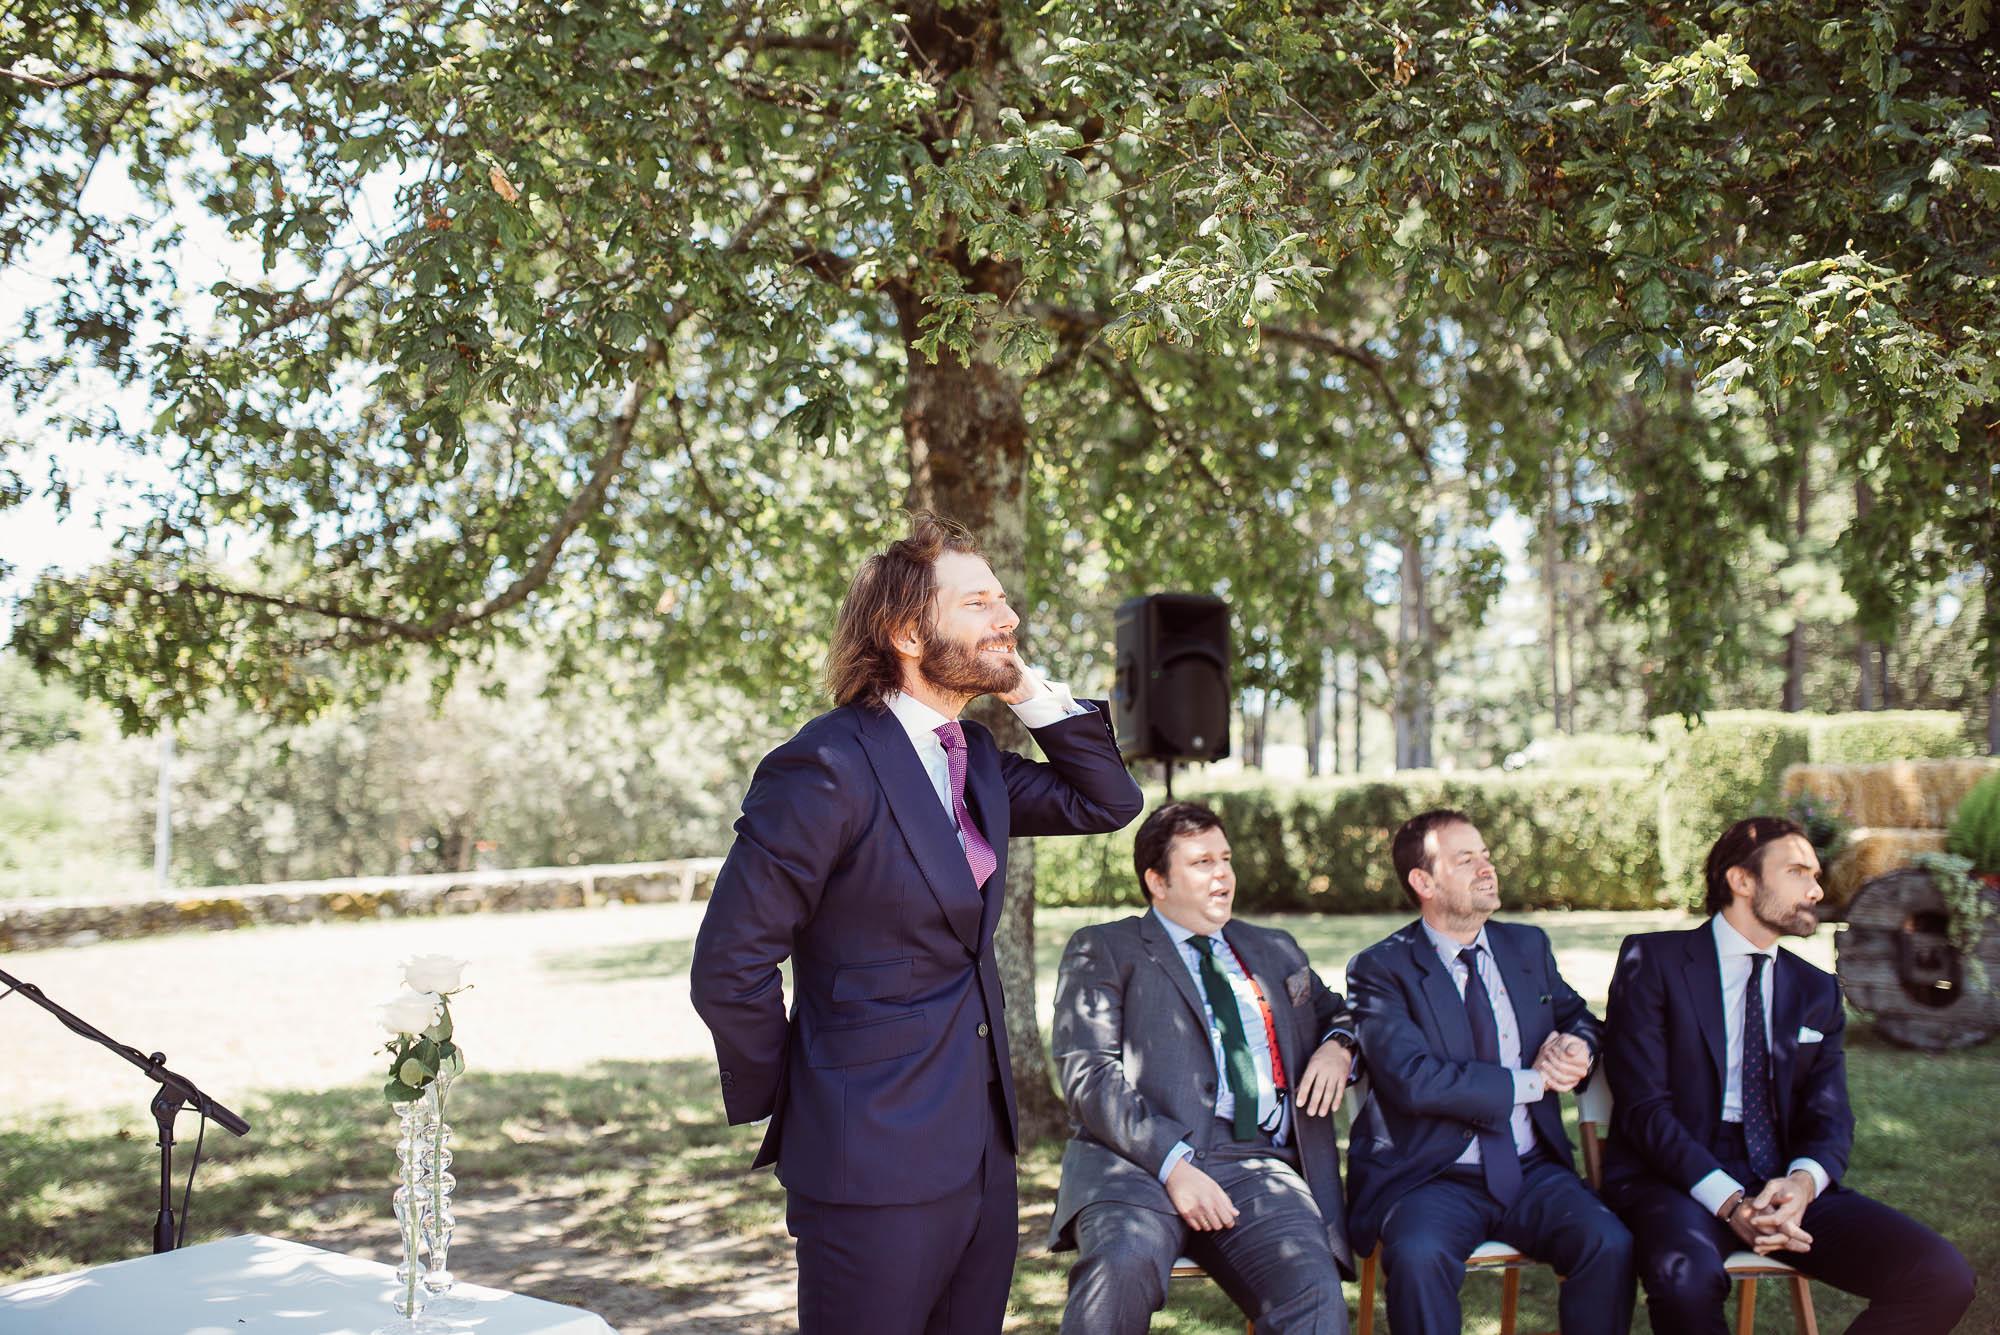 El novio sonriendo se arregla el pelo mientras espera a la novia en el altar